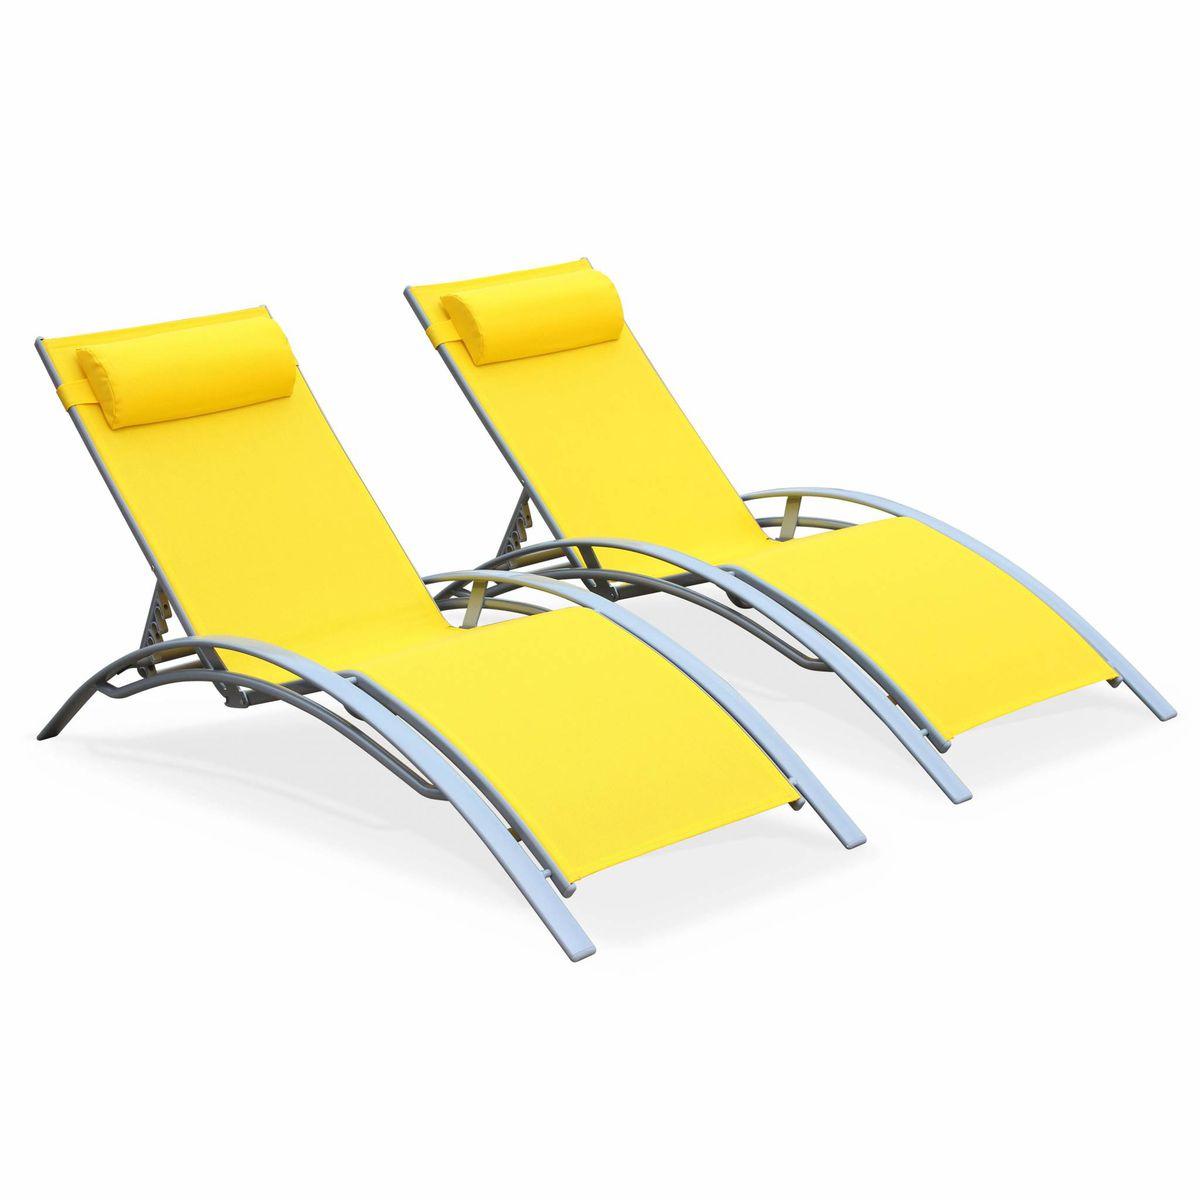 Soleil En Duo Et Bains Aluminium Textilène Louisa 2 De Lounge gb6yYf7v